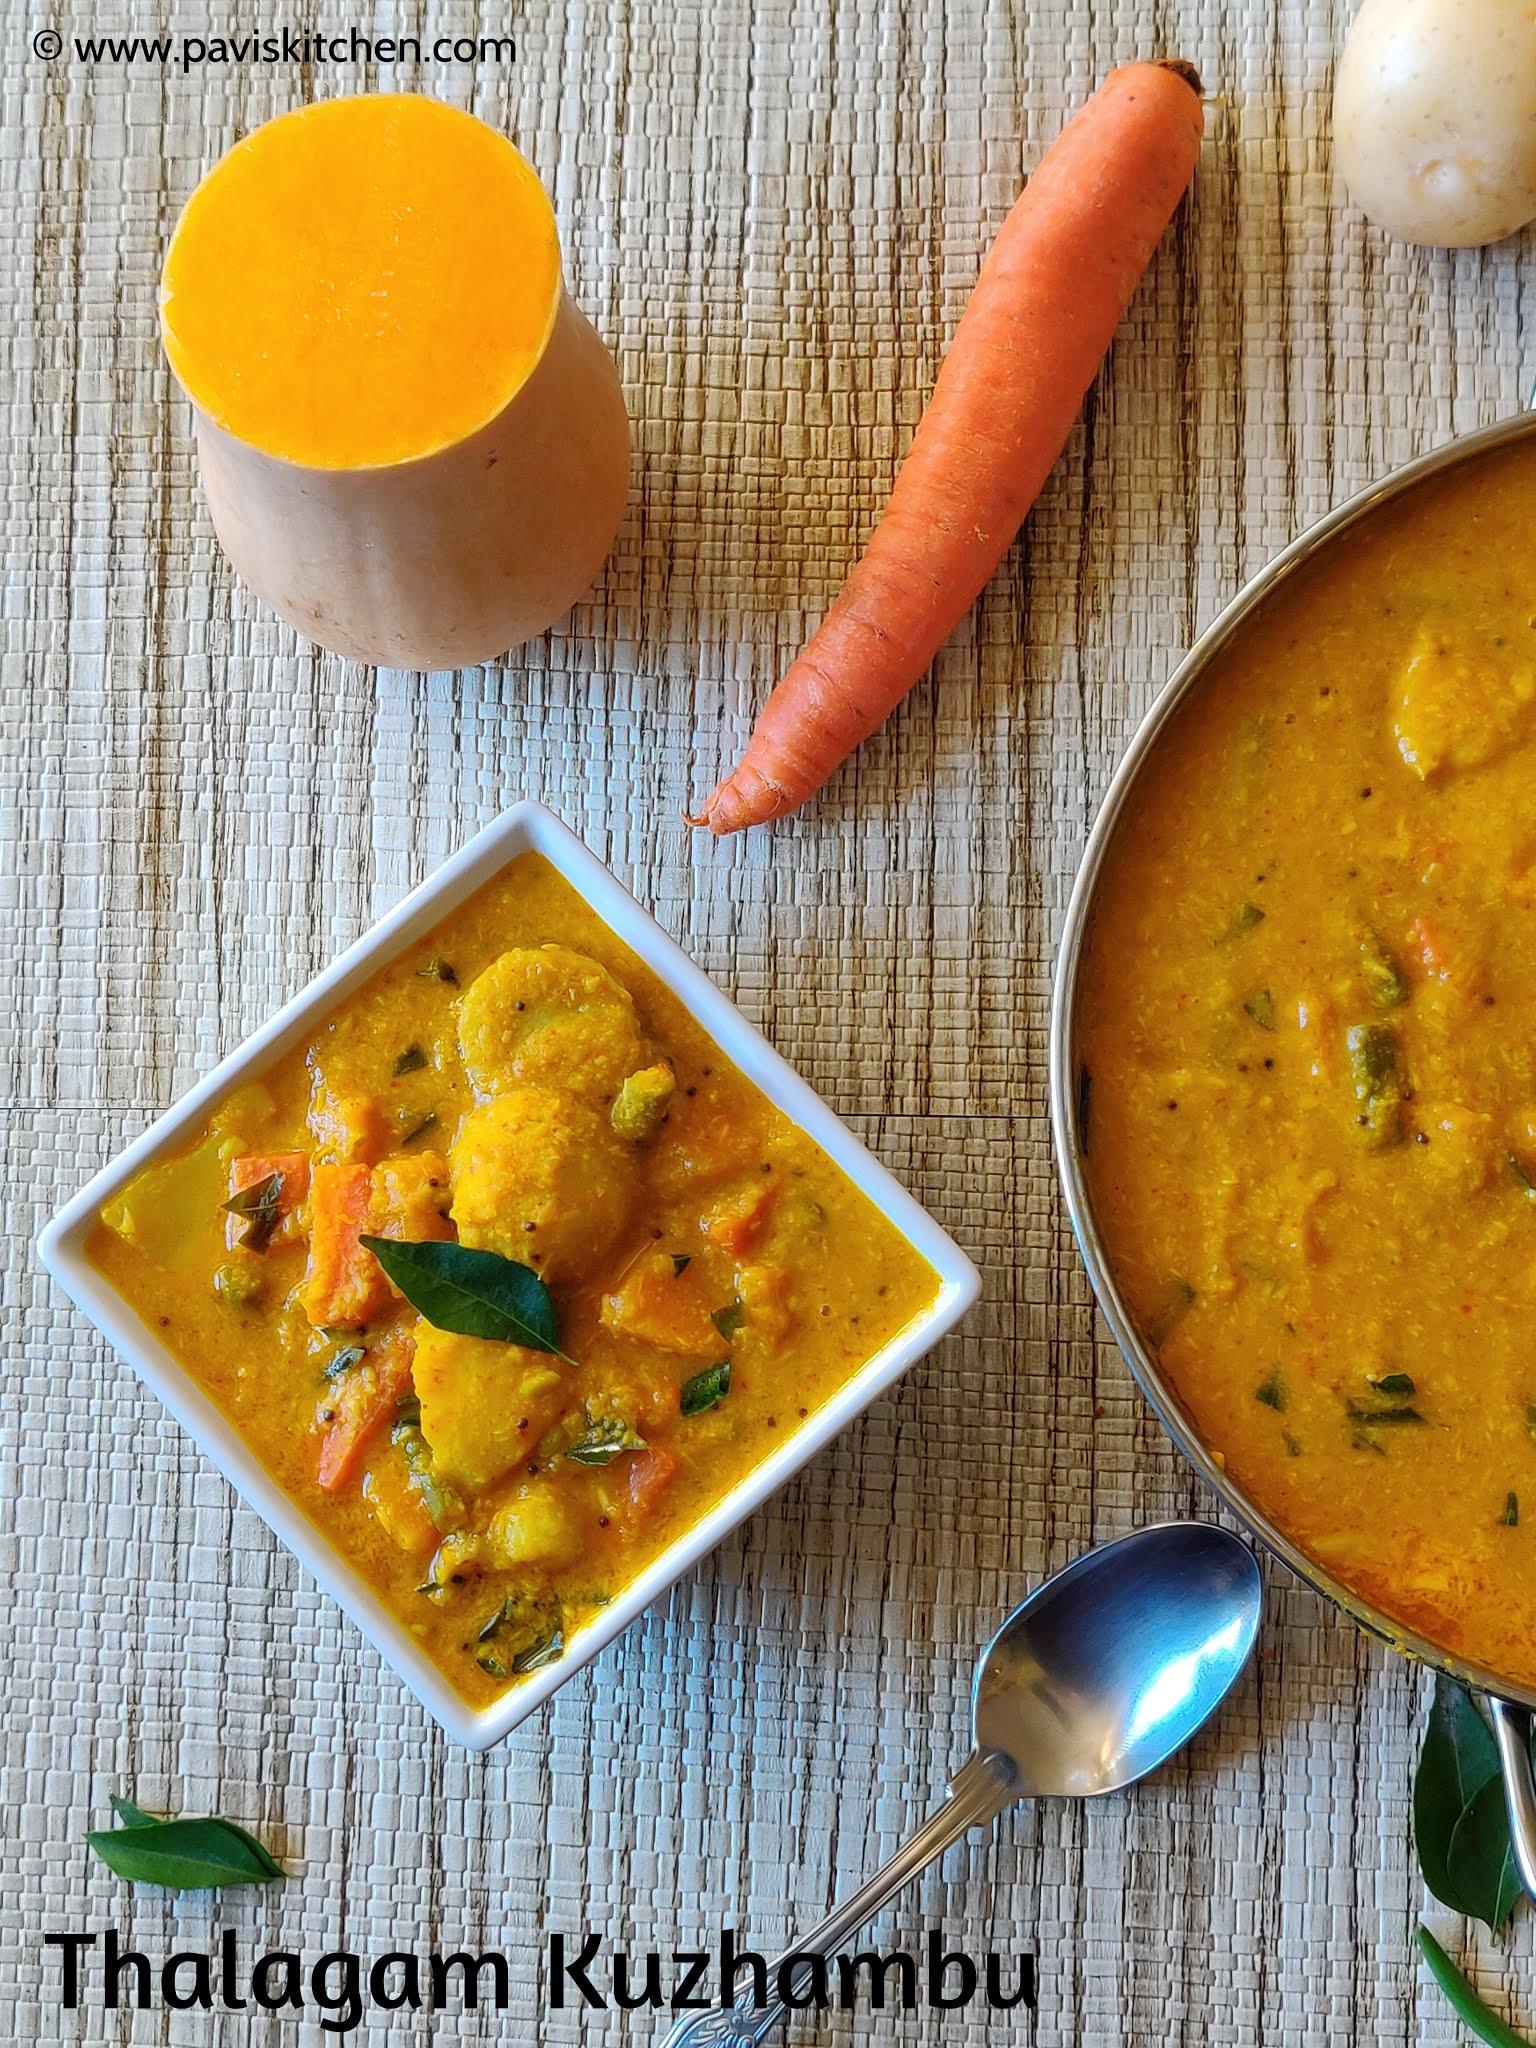 Thiruvathirai thalagam kuzhambu recipe   Ezhukari Kootu recipe   7 Kari kootu recipe   kali recipe